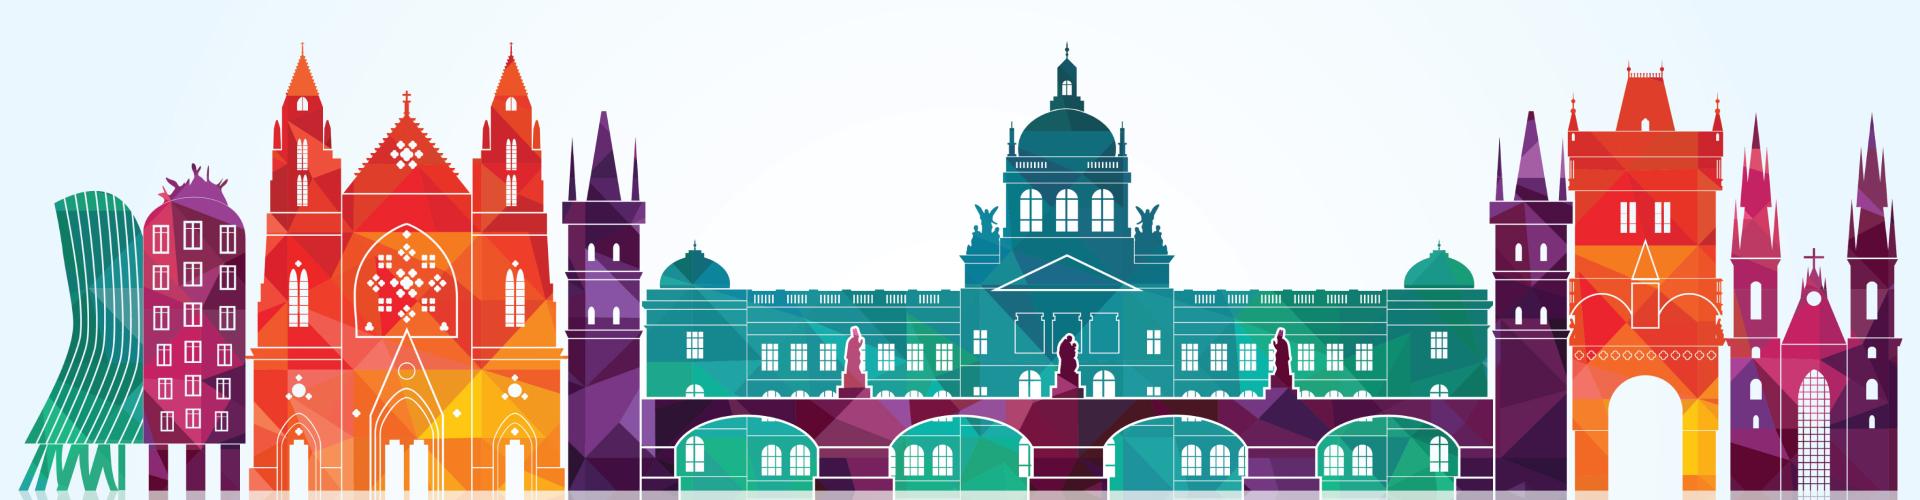 сколько стоит обучение в Чехии eurostudy